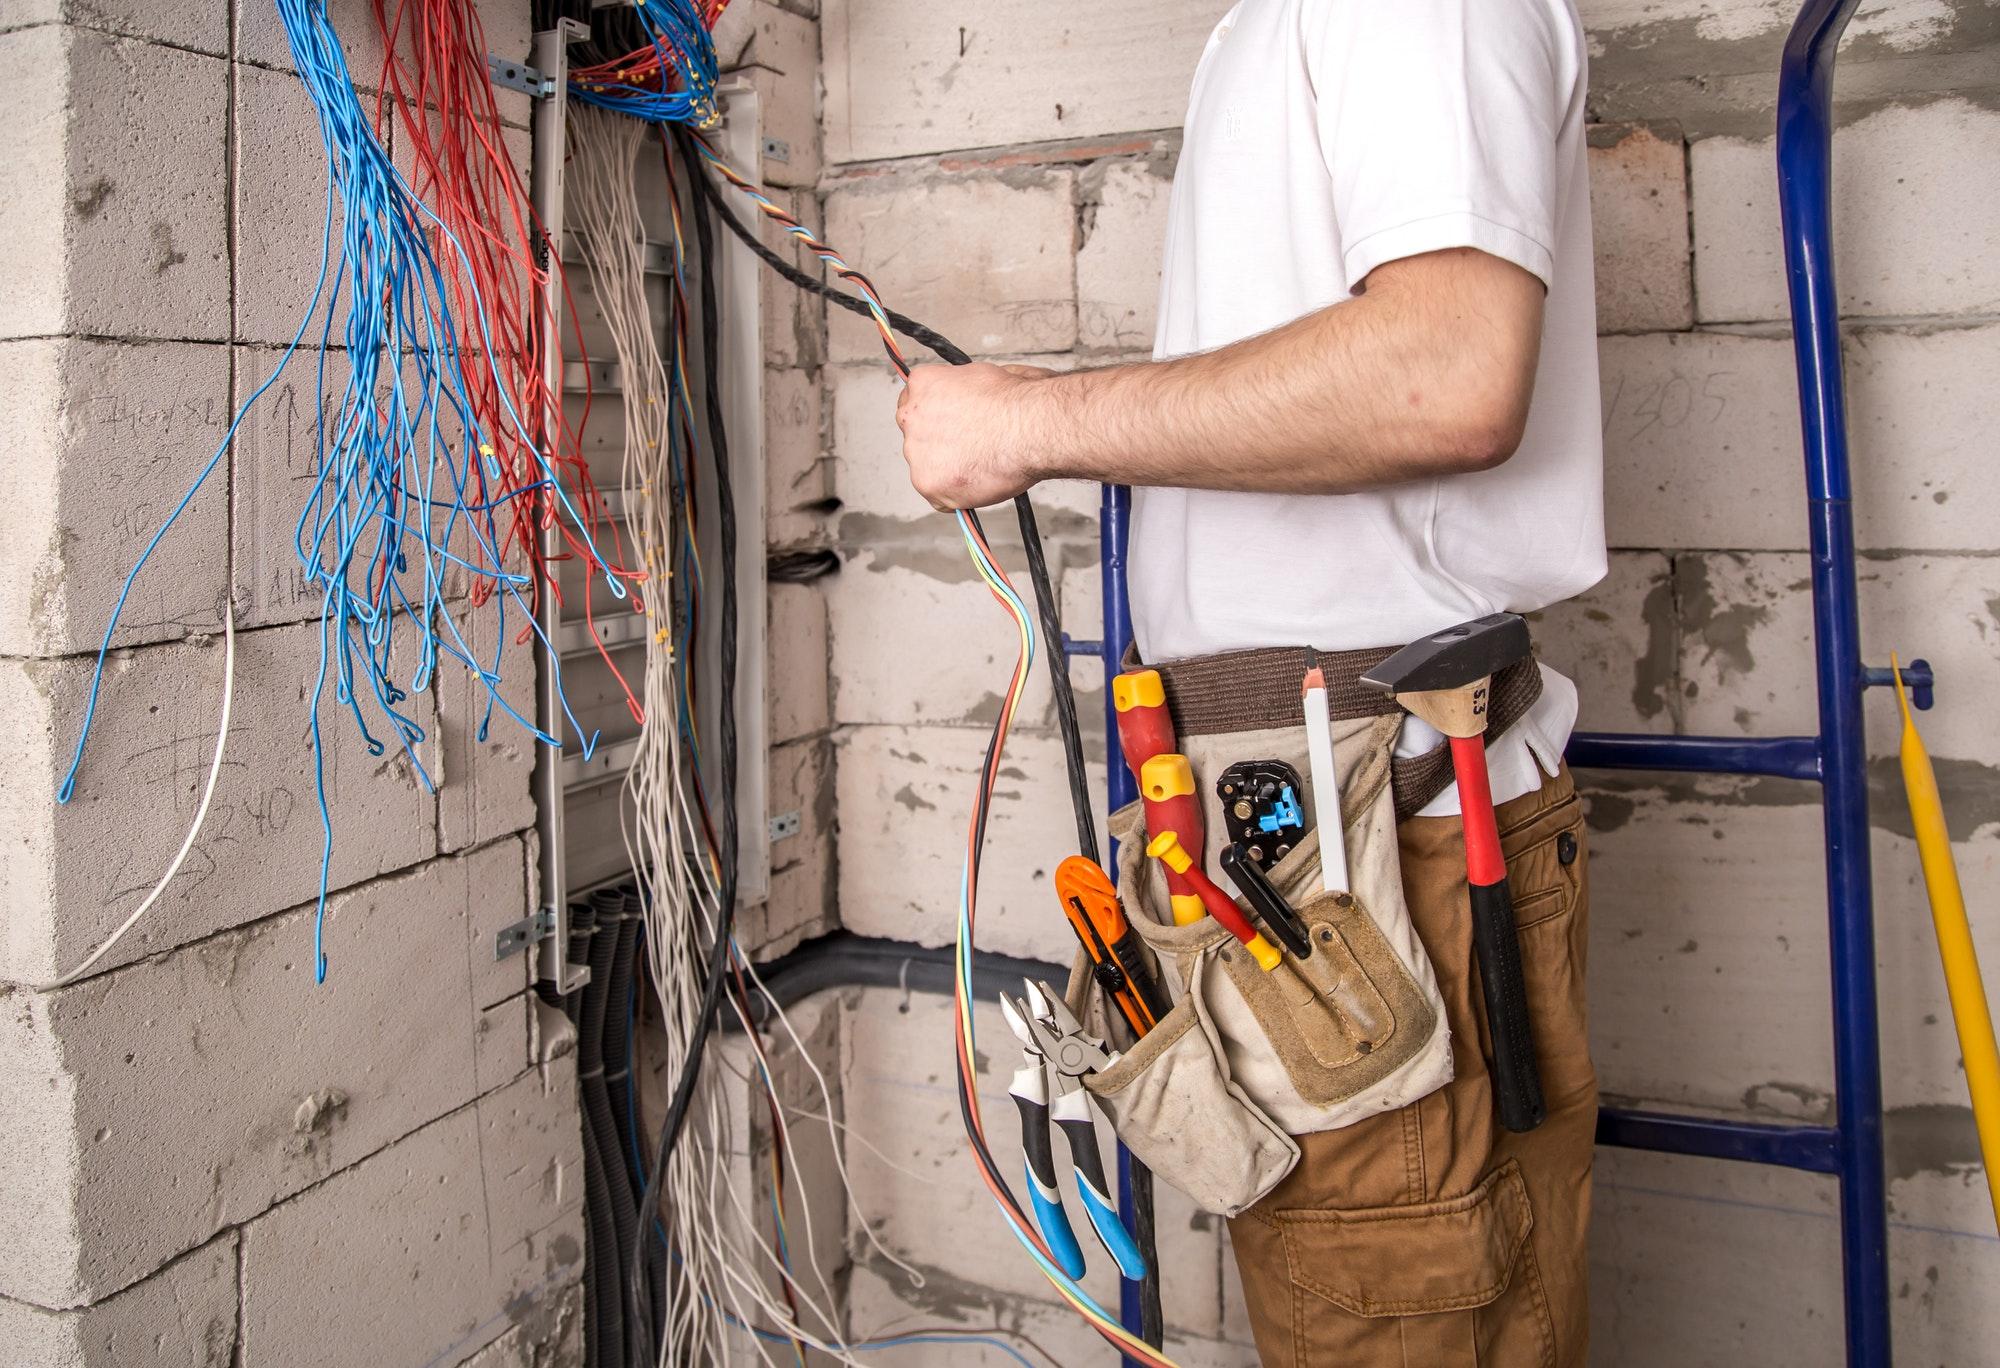 Amagers Elektriker Kastrup hjælper dig med både store og små opgaver i Kastrup , ring til os akut ved behov af elektriker døgnvagt Kastrup